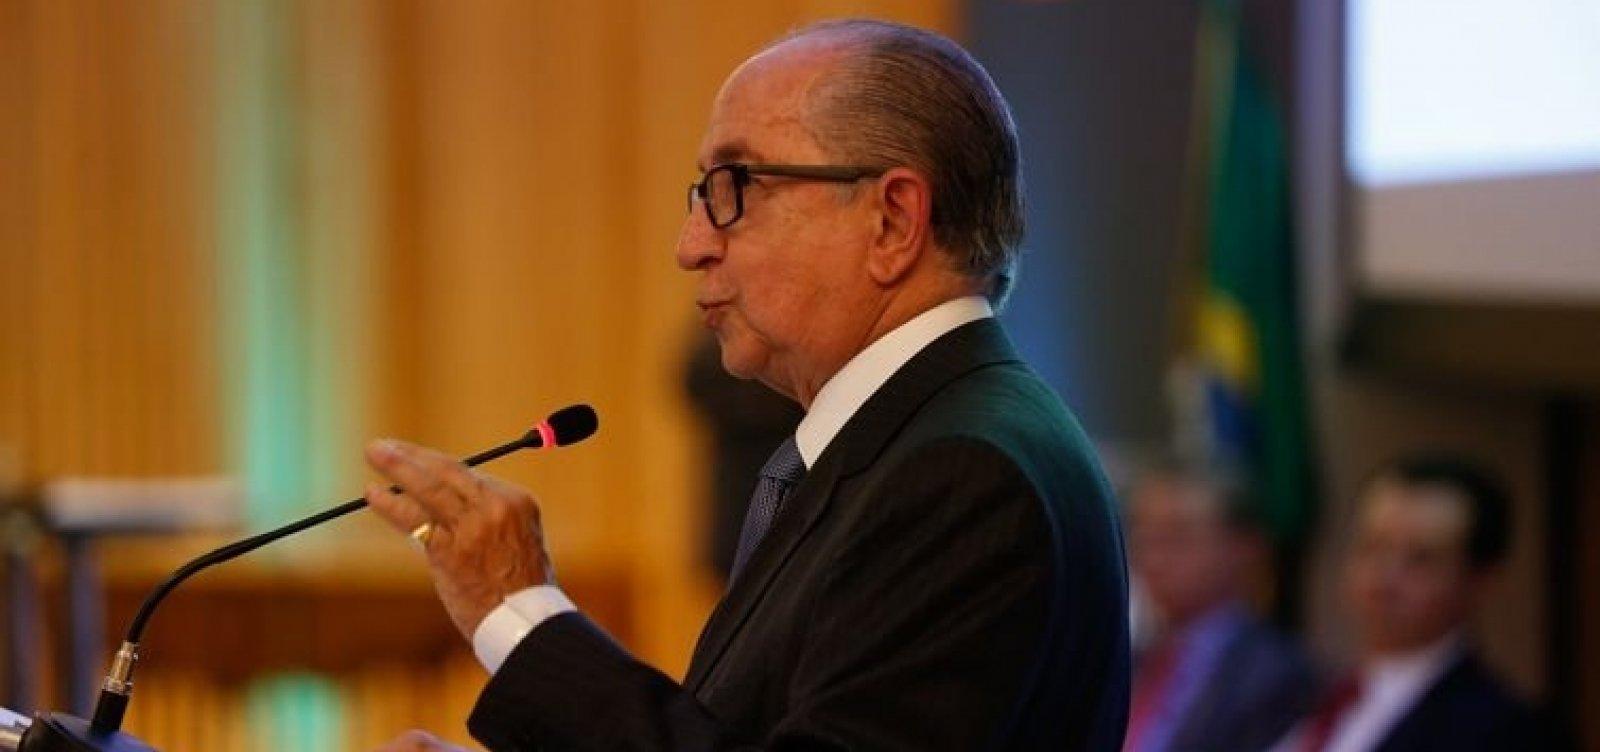 Secretário da Receita anuncia novo imposto e é desautorizado por Bolsonaro